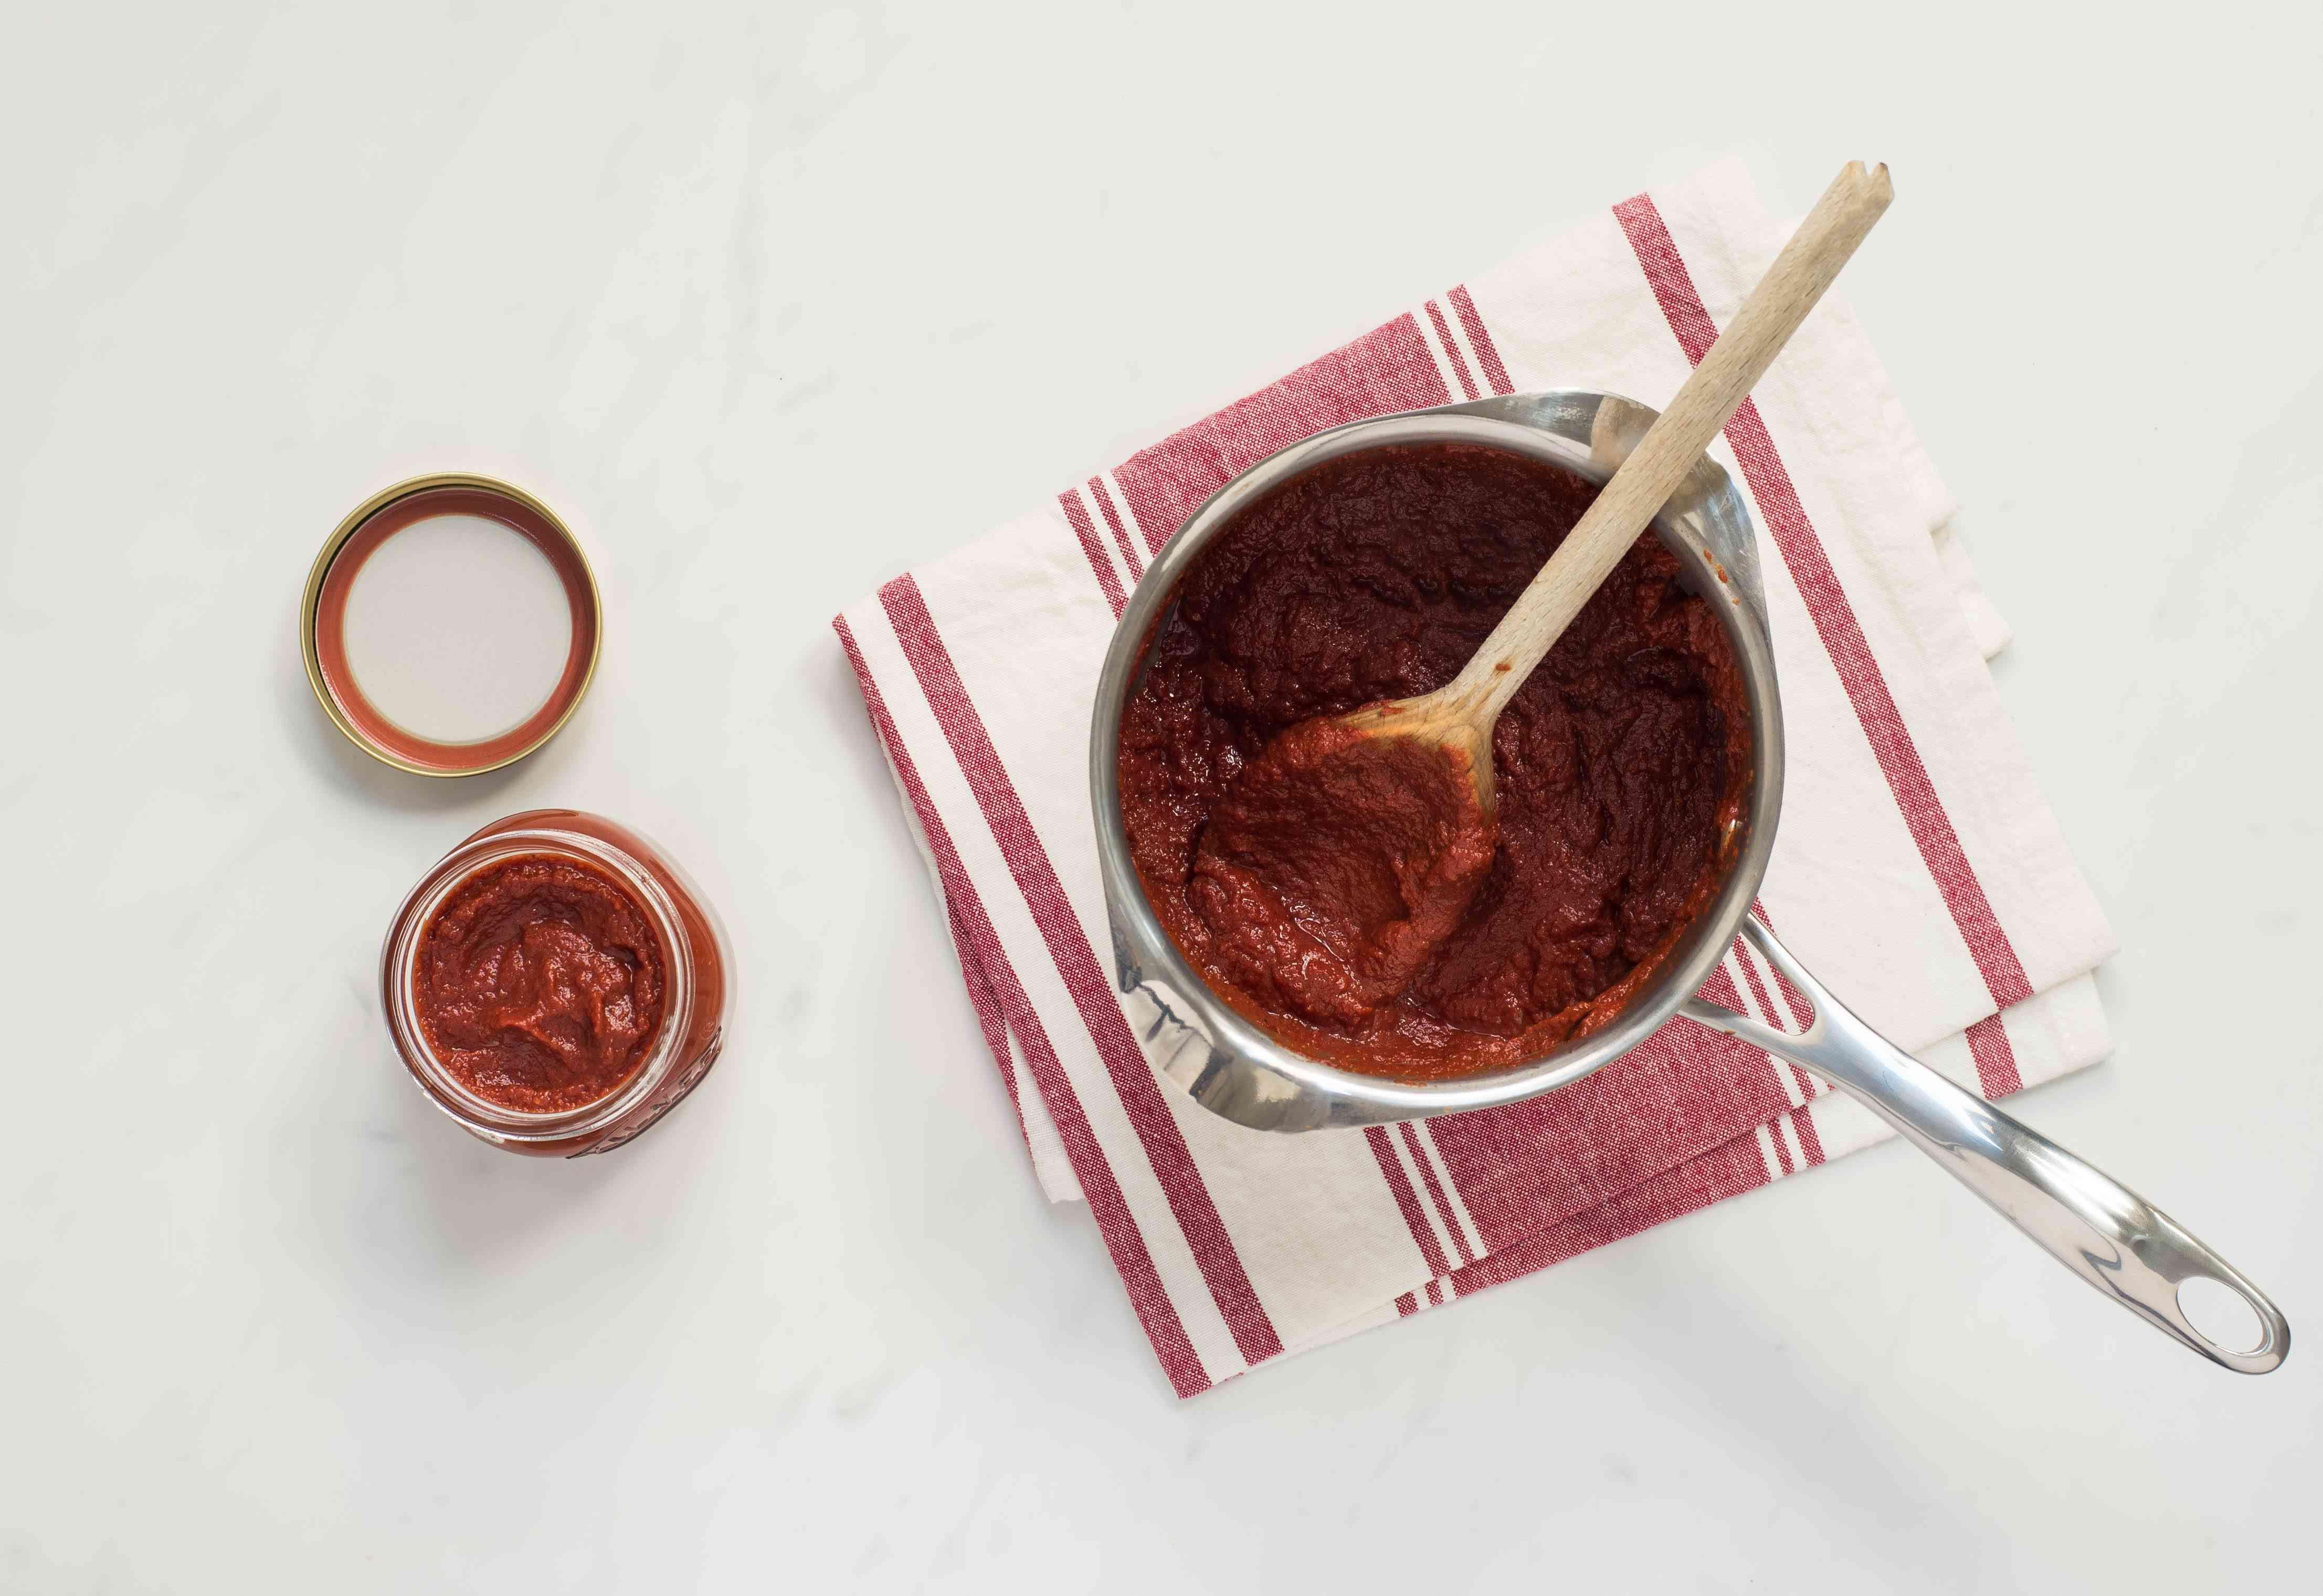 Ketchup in a jar